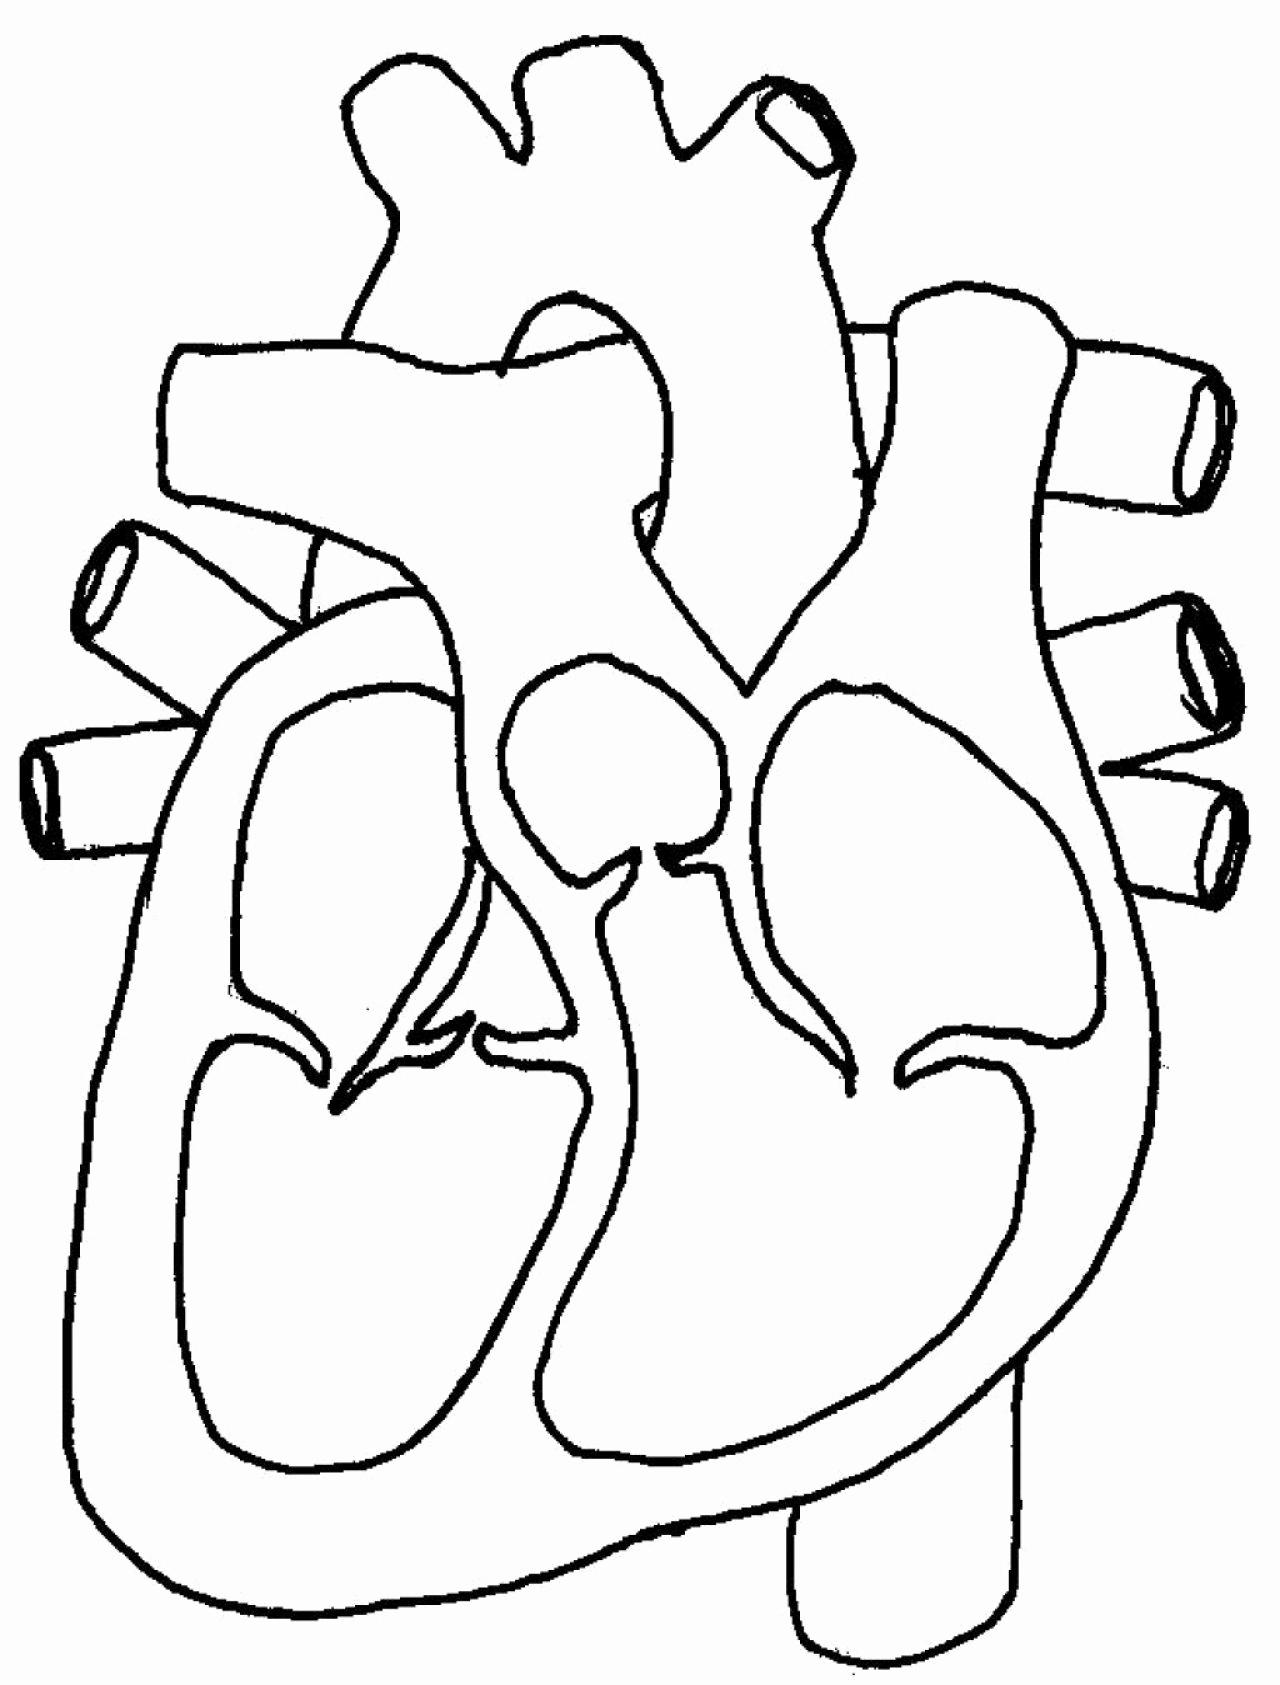 Heart Diagram Worksheet Blank Lovely Free Blank Heart Diagram Download Free Clip Art Free